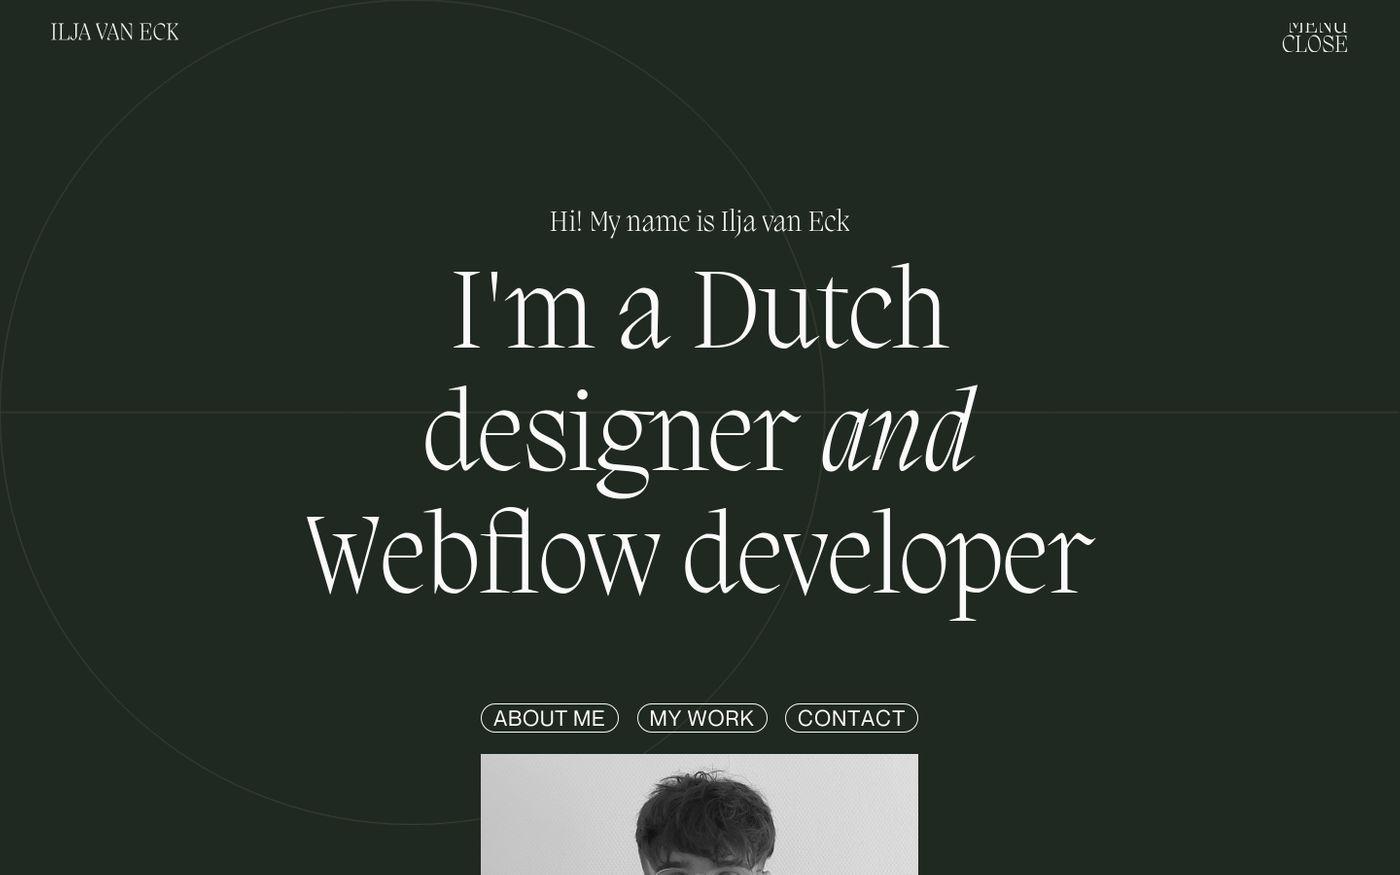 Screenshot of Ilja van Eck website